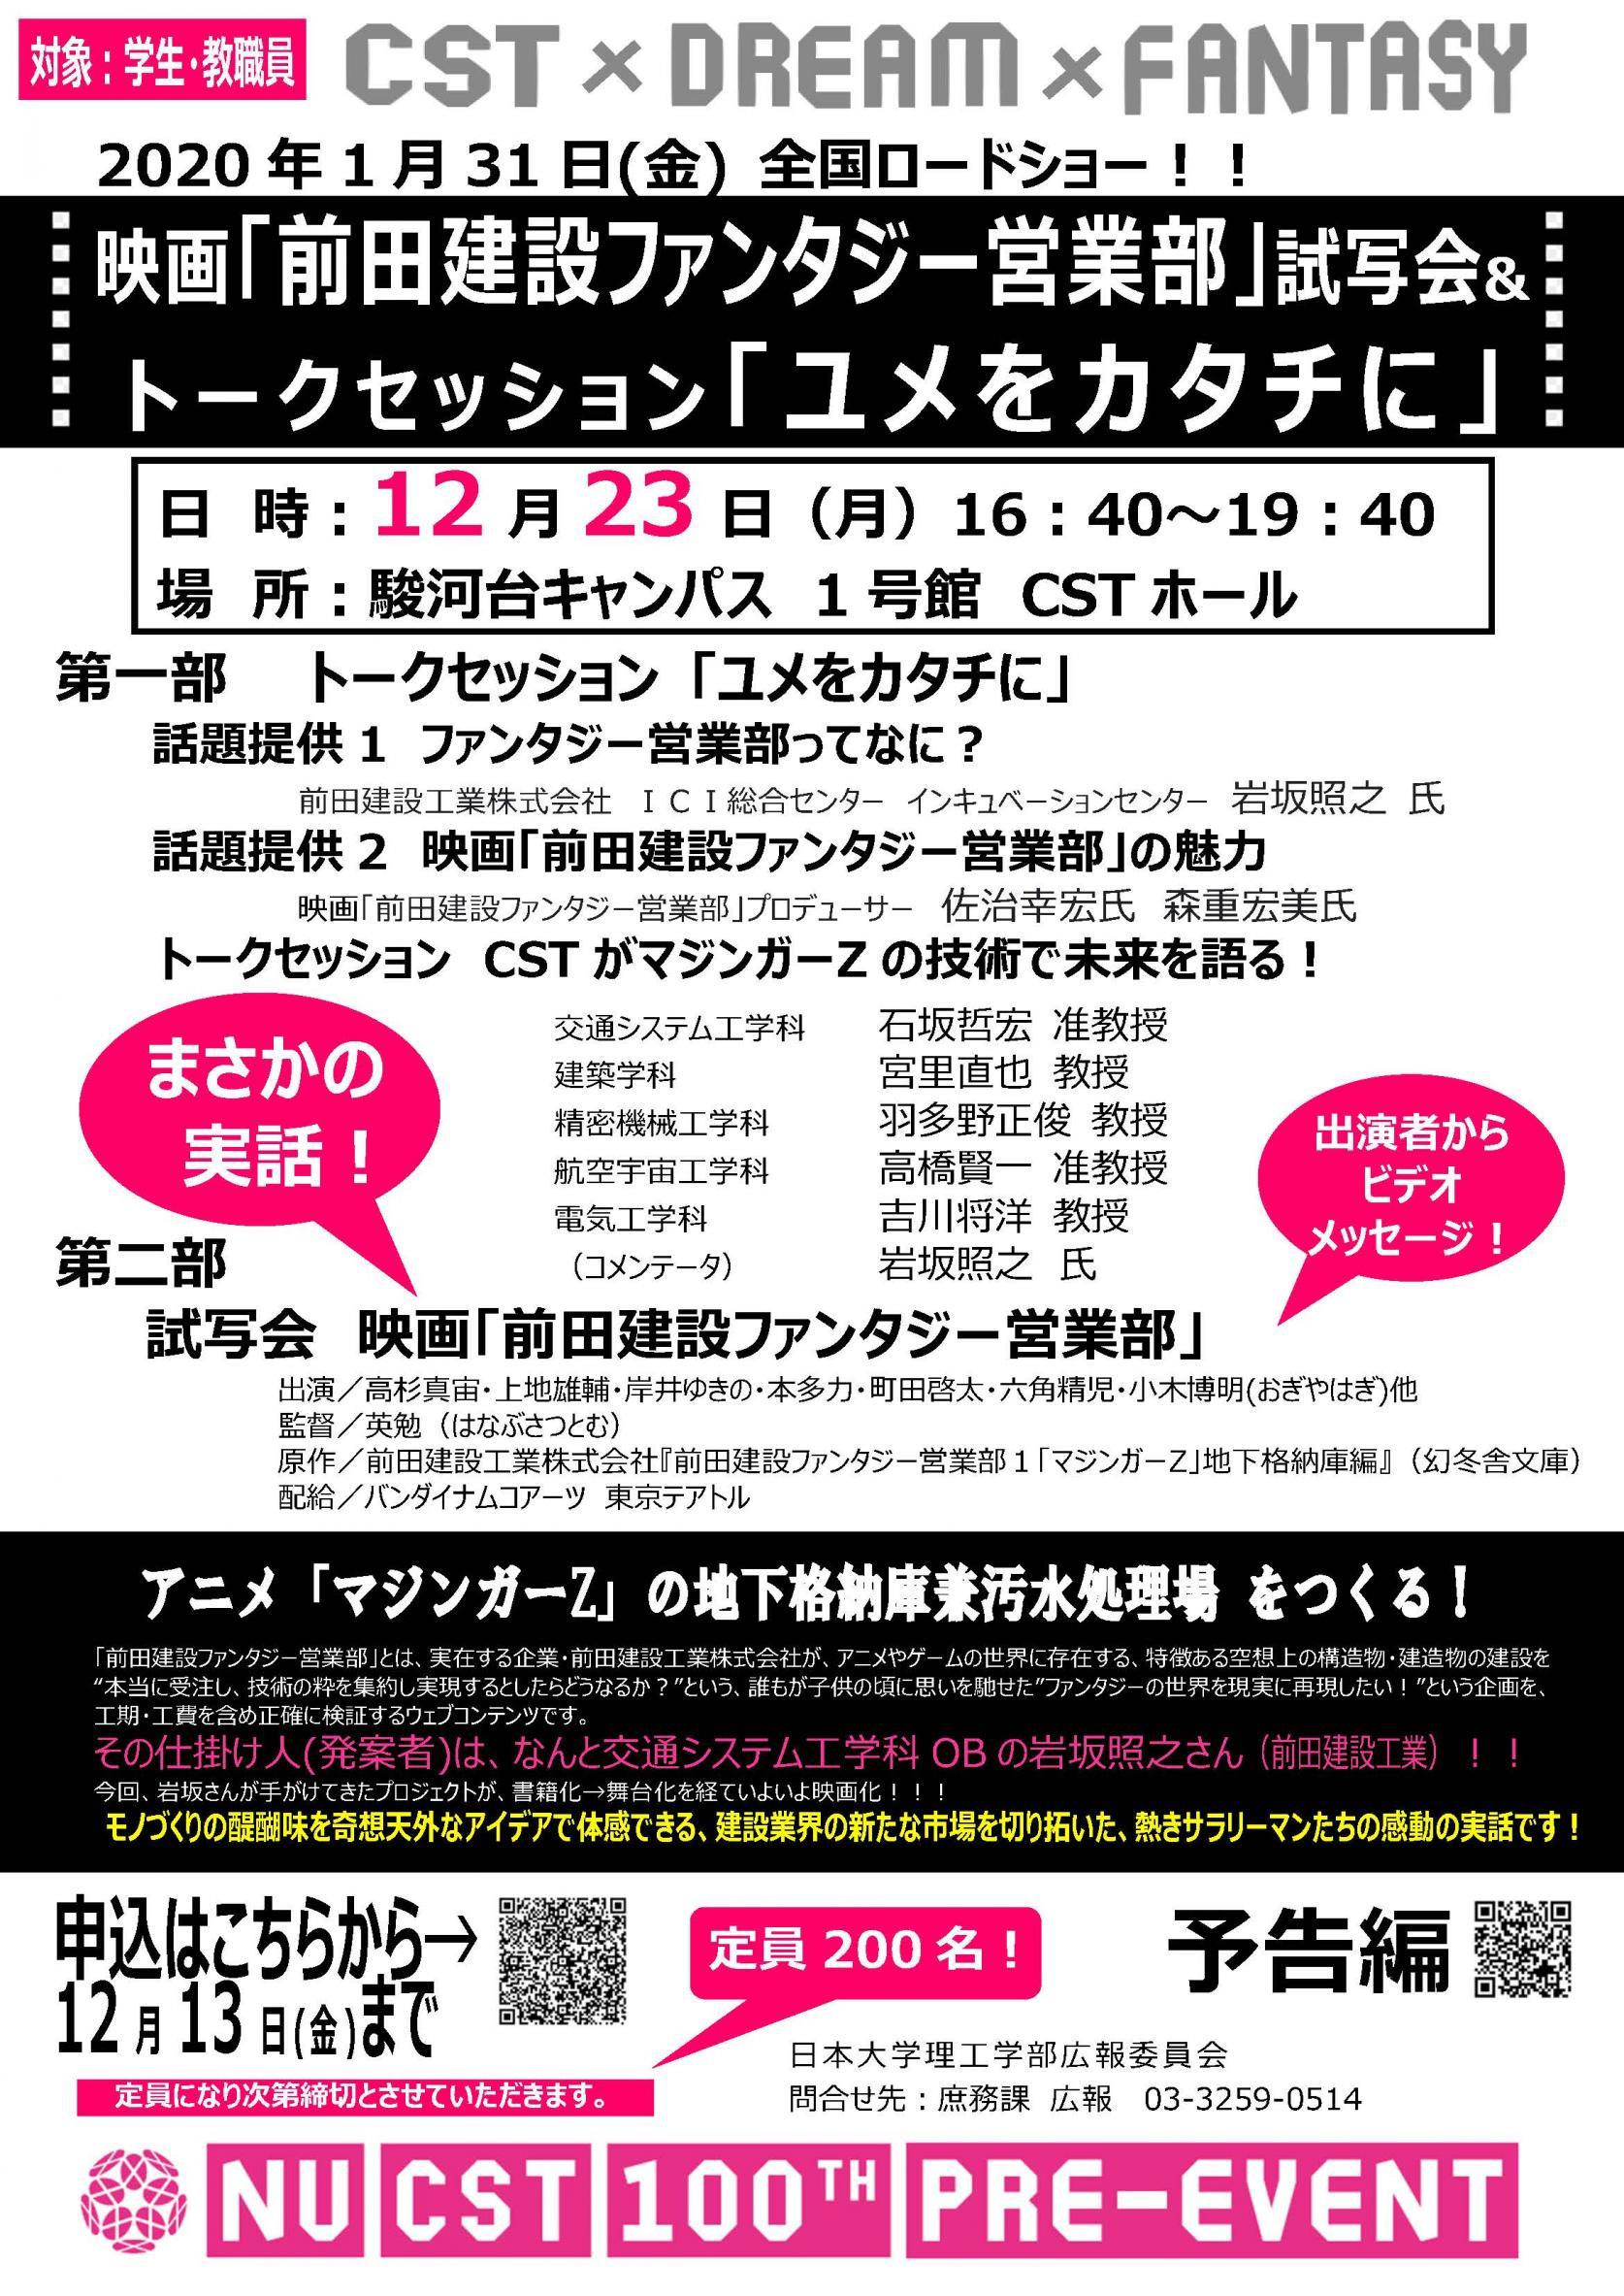 在学生向けイベント<br>【12月23日(月):駿河台キャンパス】<br> 映画「前田建設ファンタジー営業部」試写会&トークセッション「ユメをカタチに」を開催します。